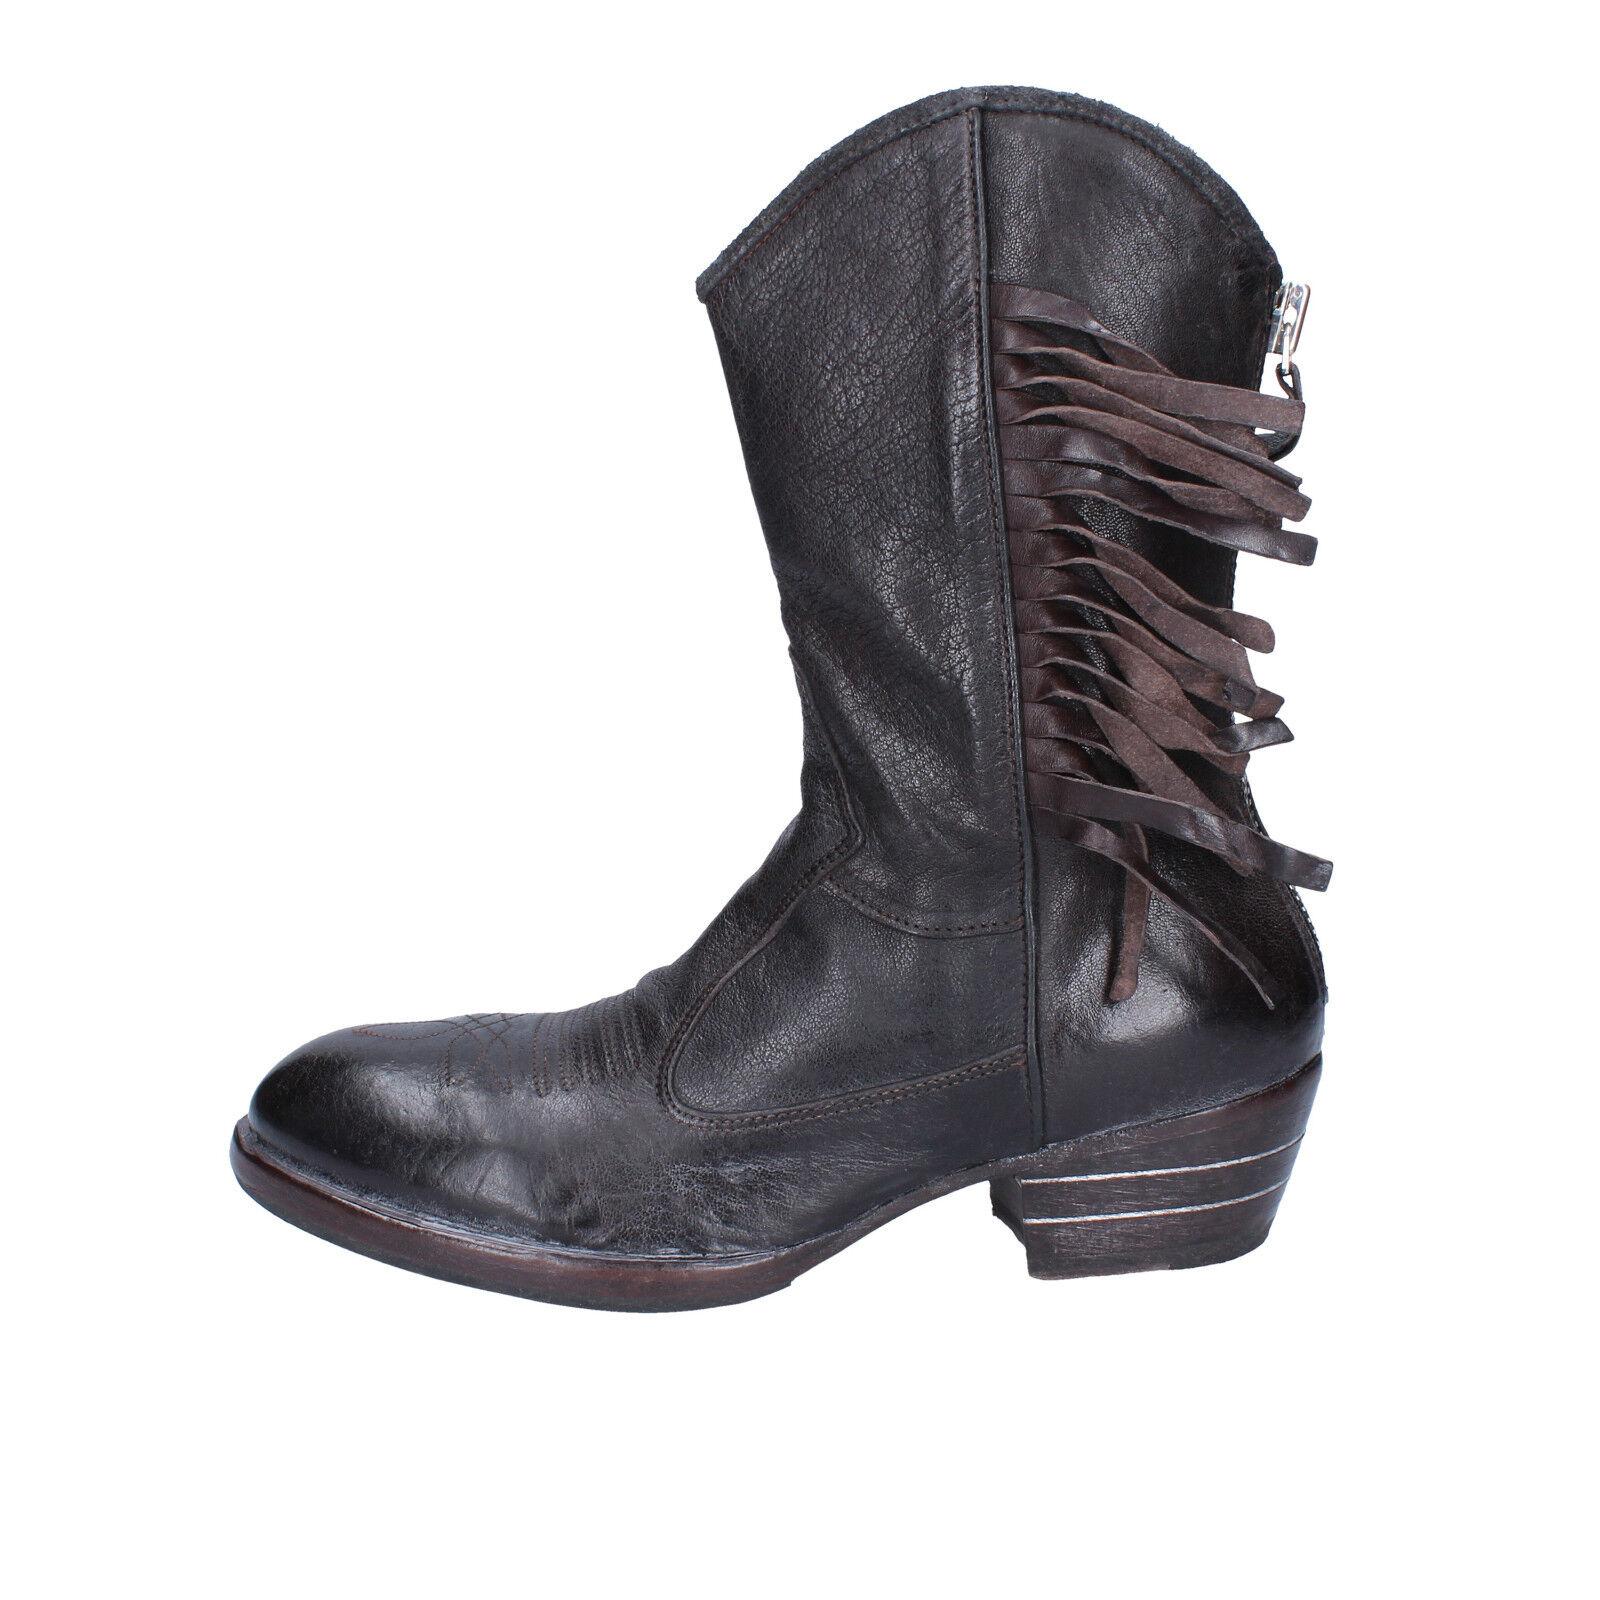 mujer zapatos MOMA 37 EU EU EU botasetten marrón leder BX500-37  ventas directas de fábrica